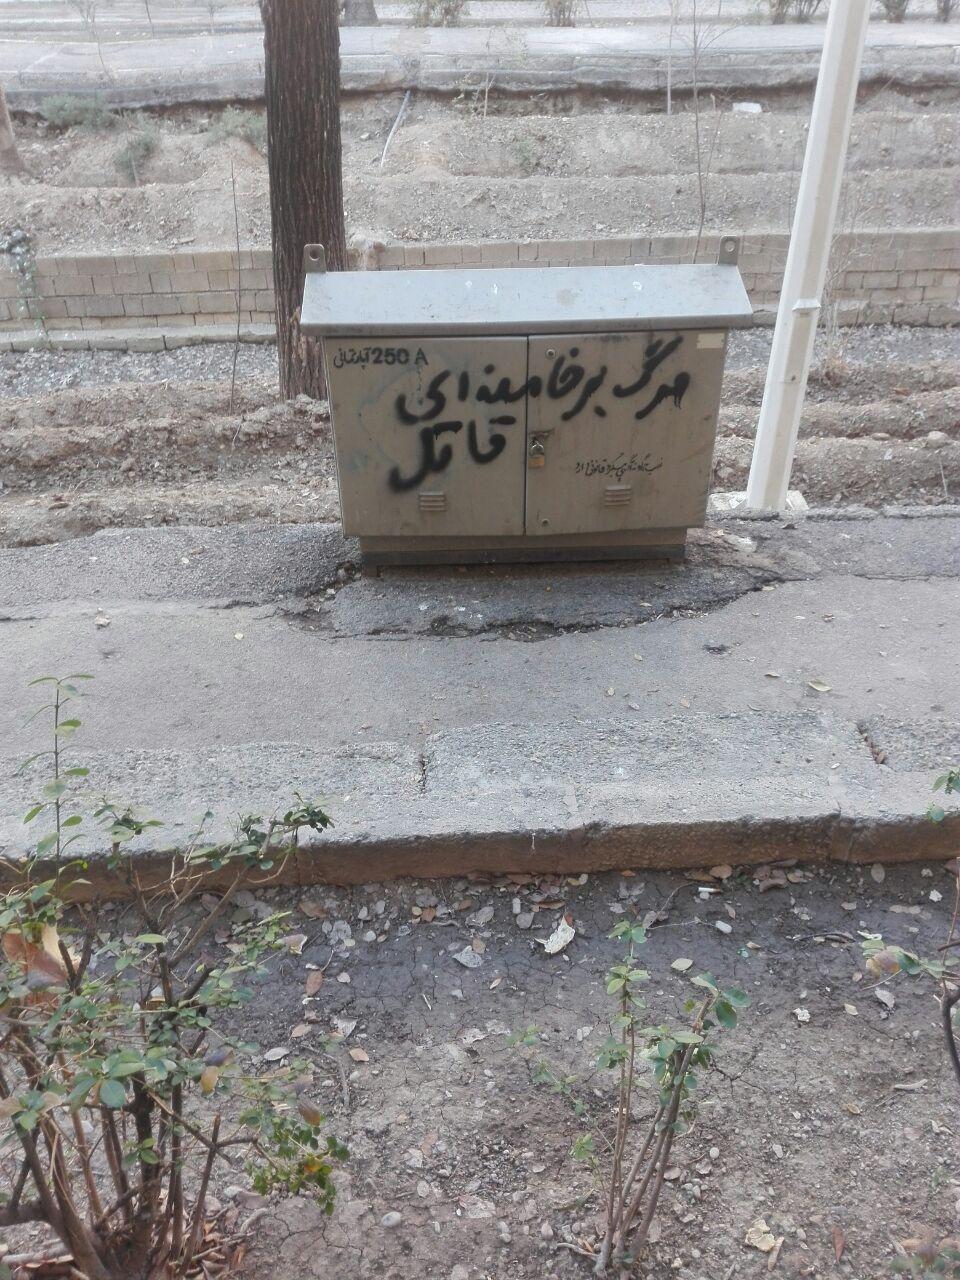 دریافتی از: '#اصفهان، مادی نیا … 493723001581020404